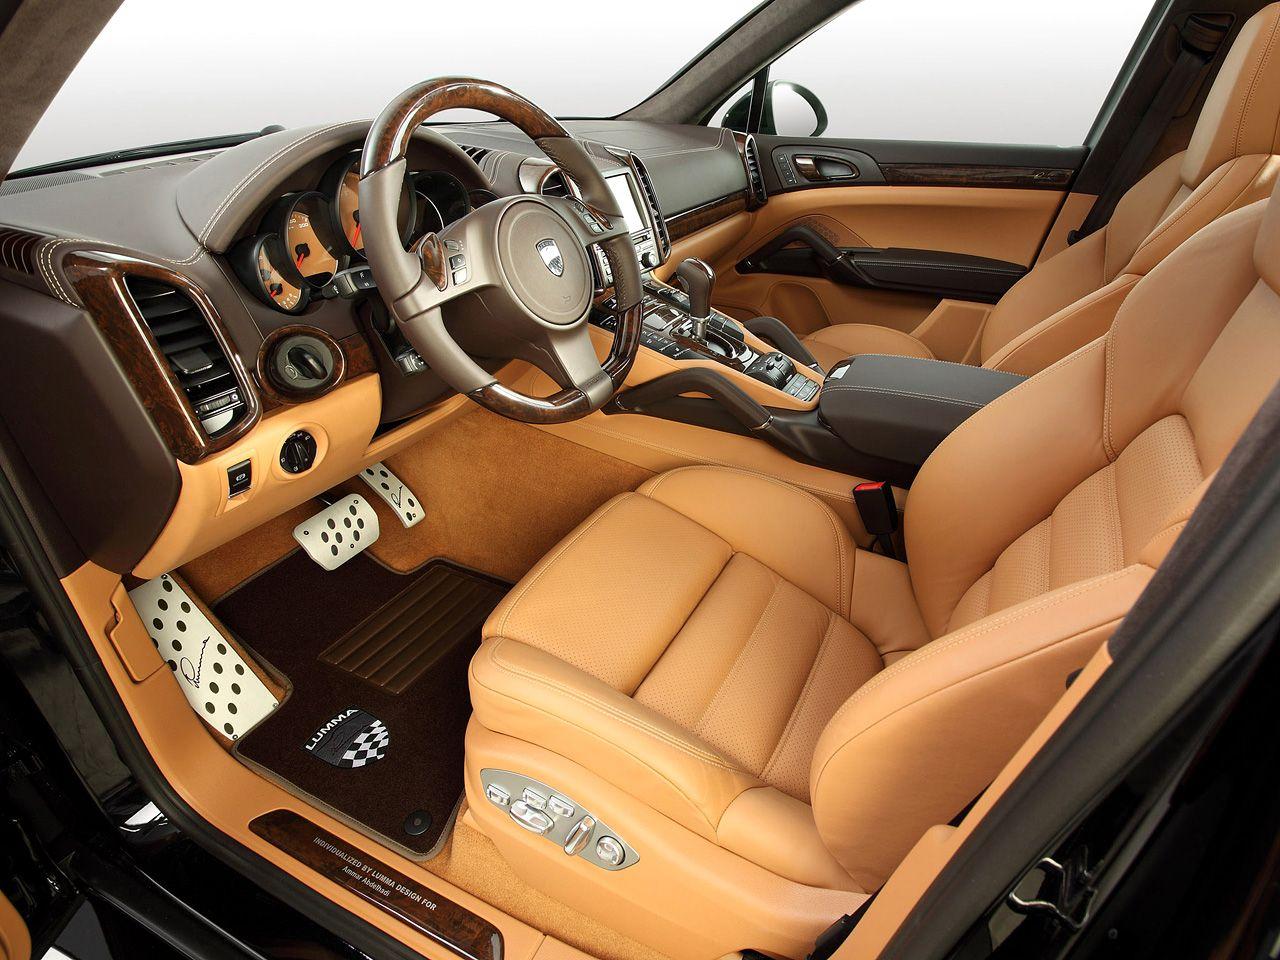 2012 lumma design porsche cayenne turbo interior design